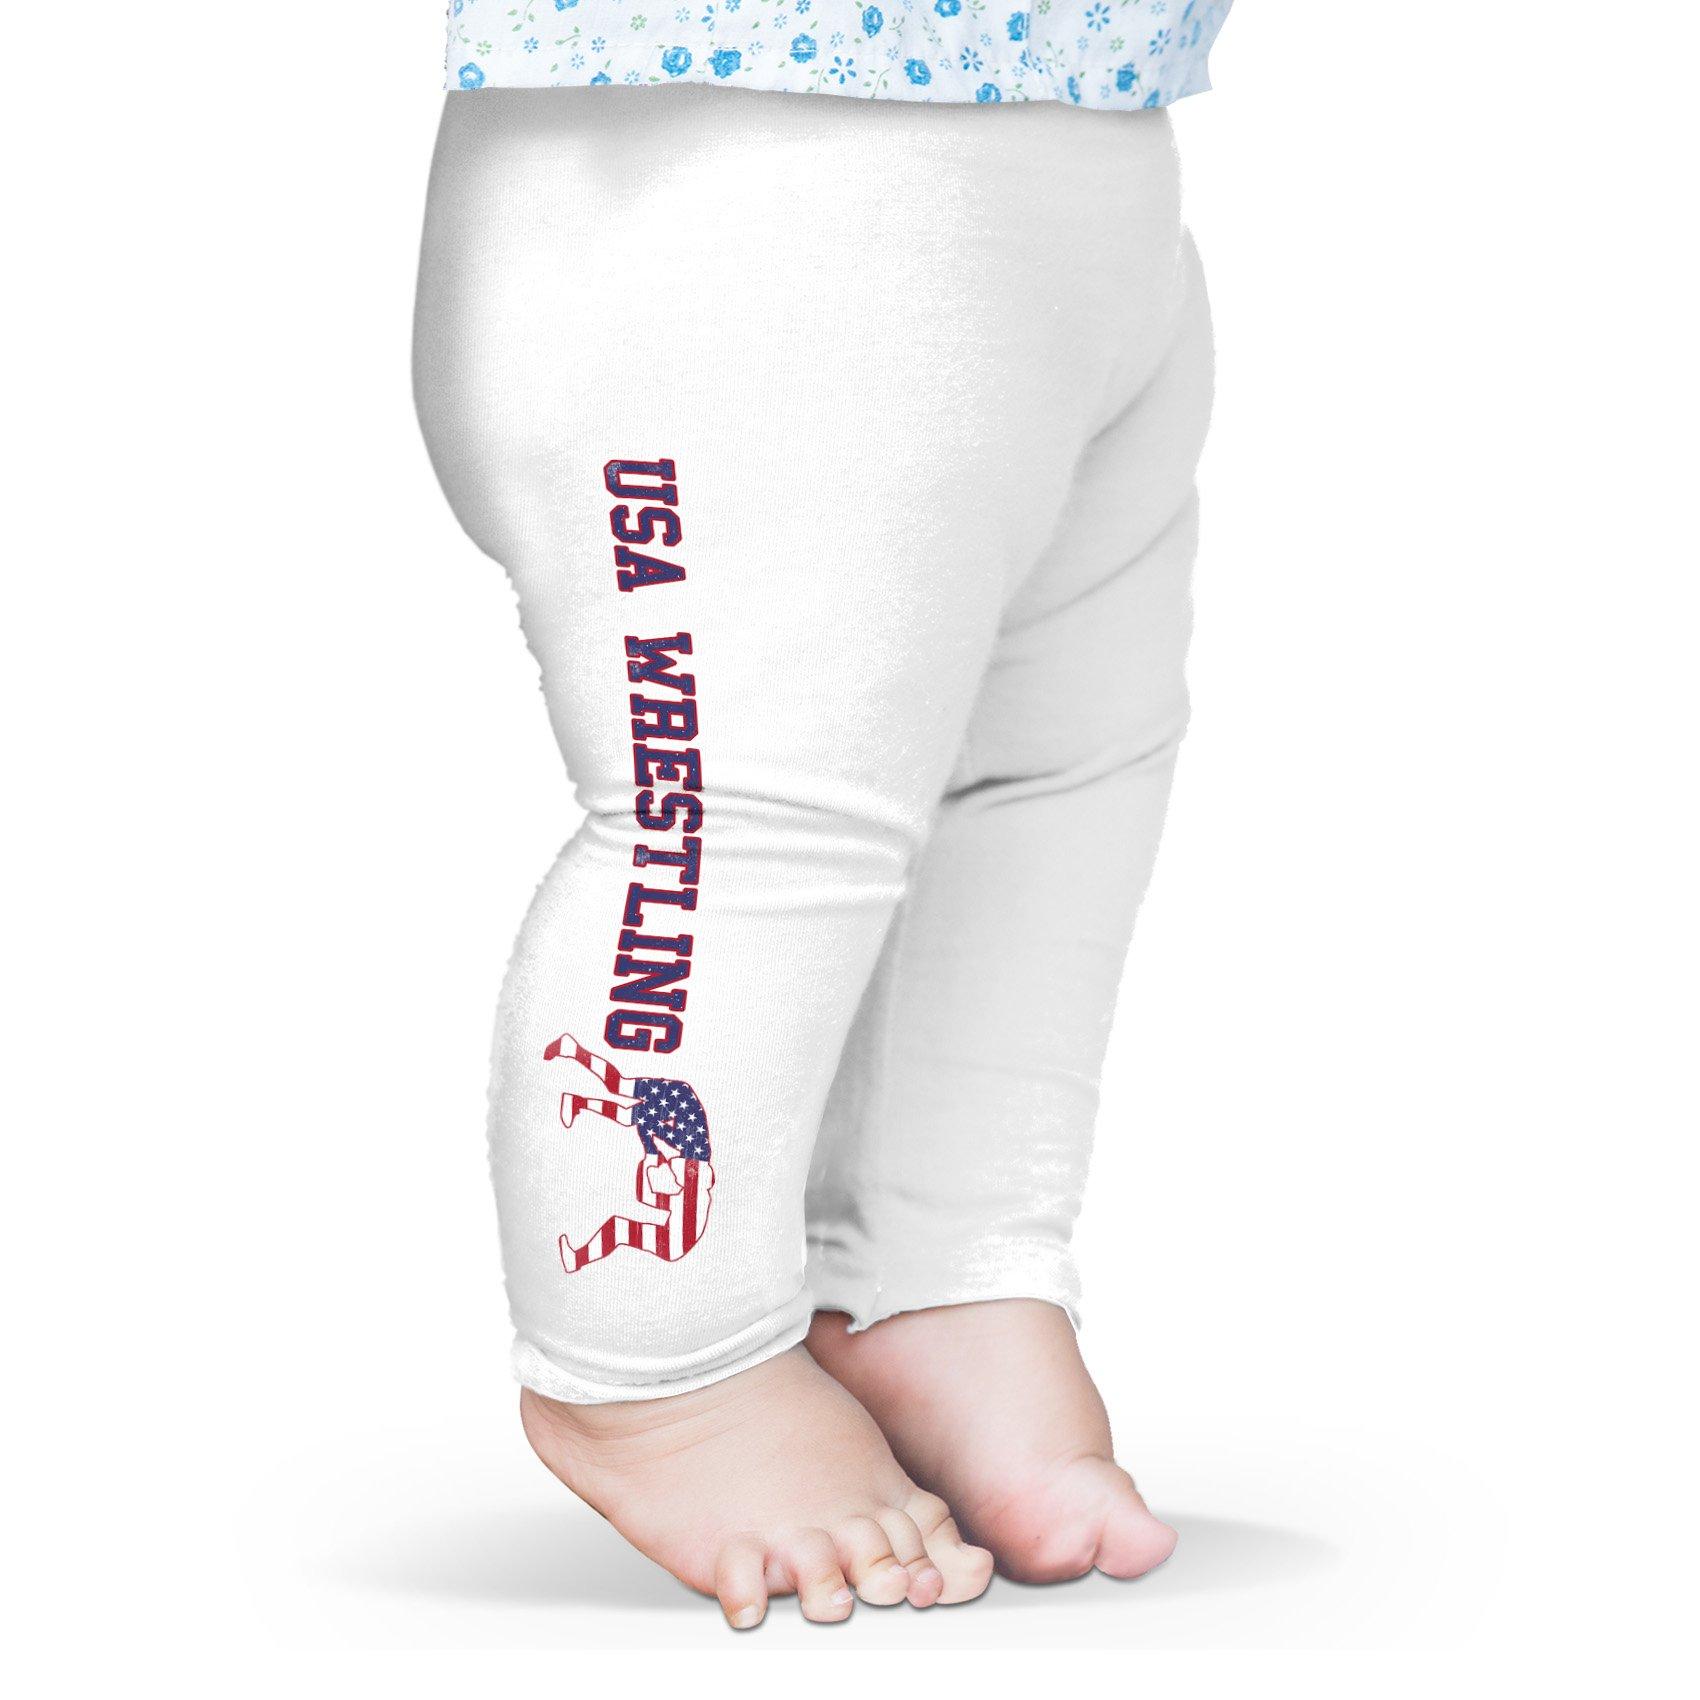 TWISTED ENVY Leggings for Women Sports USA Wrestling Baby Leggings Pants 12-18 Months White